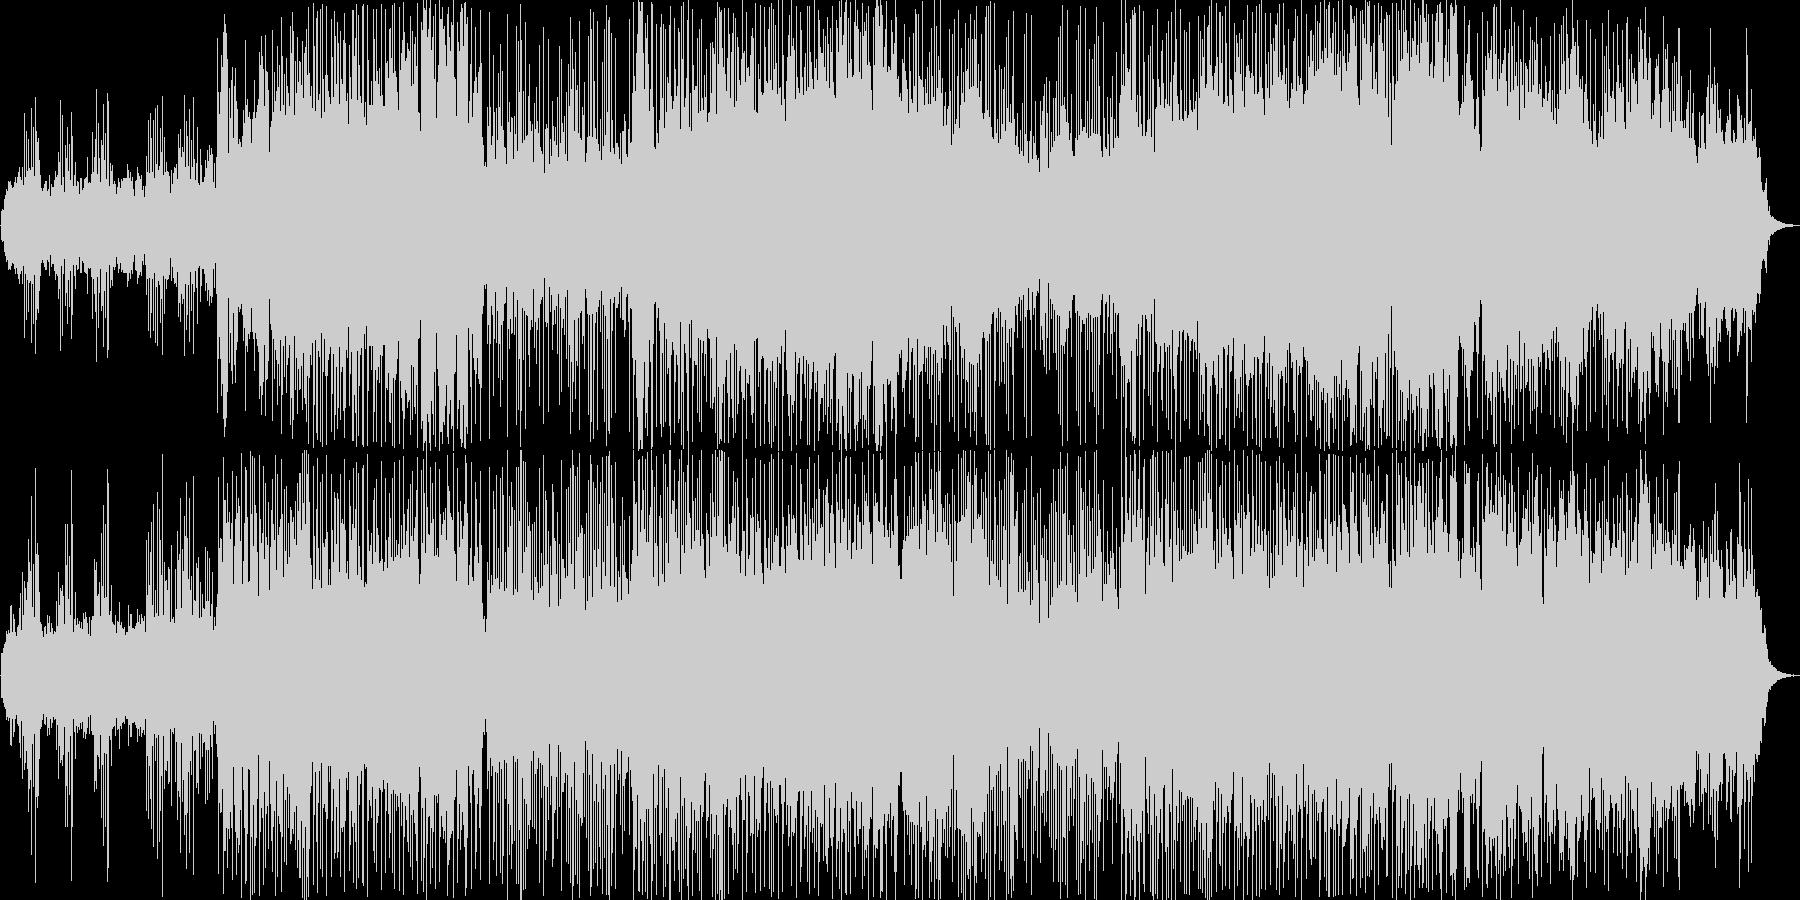 ブロードウェイ、オールディーズ、ス...の未再生の波形